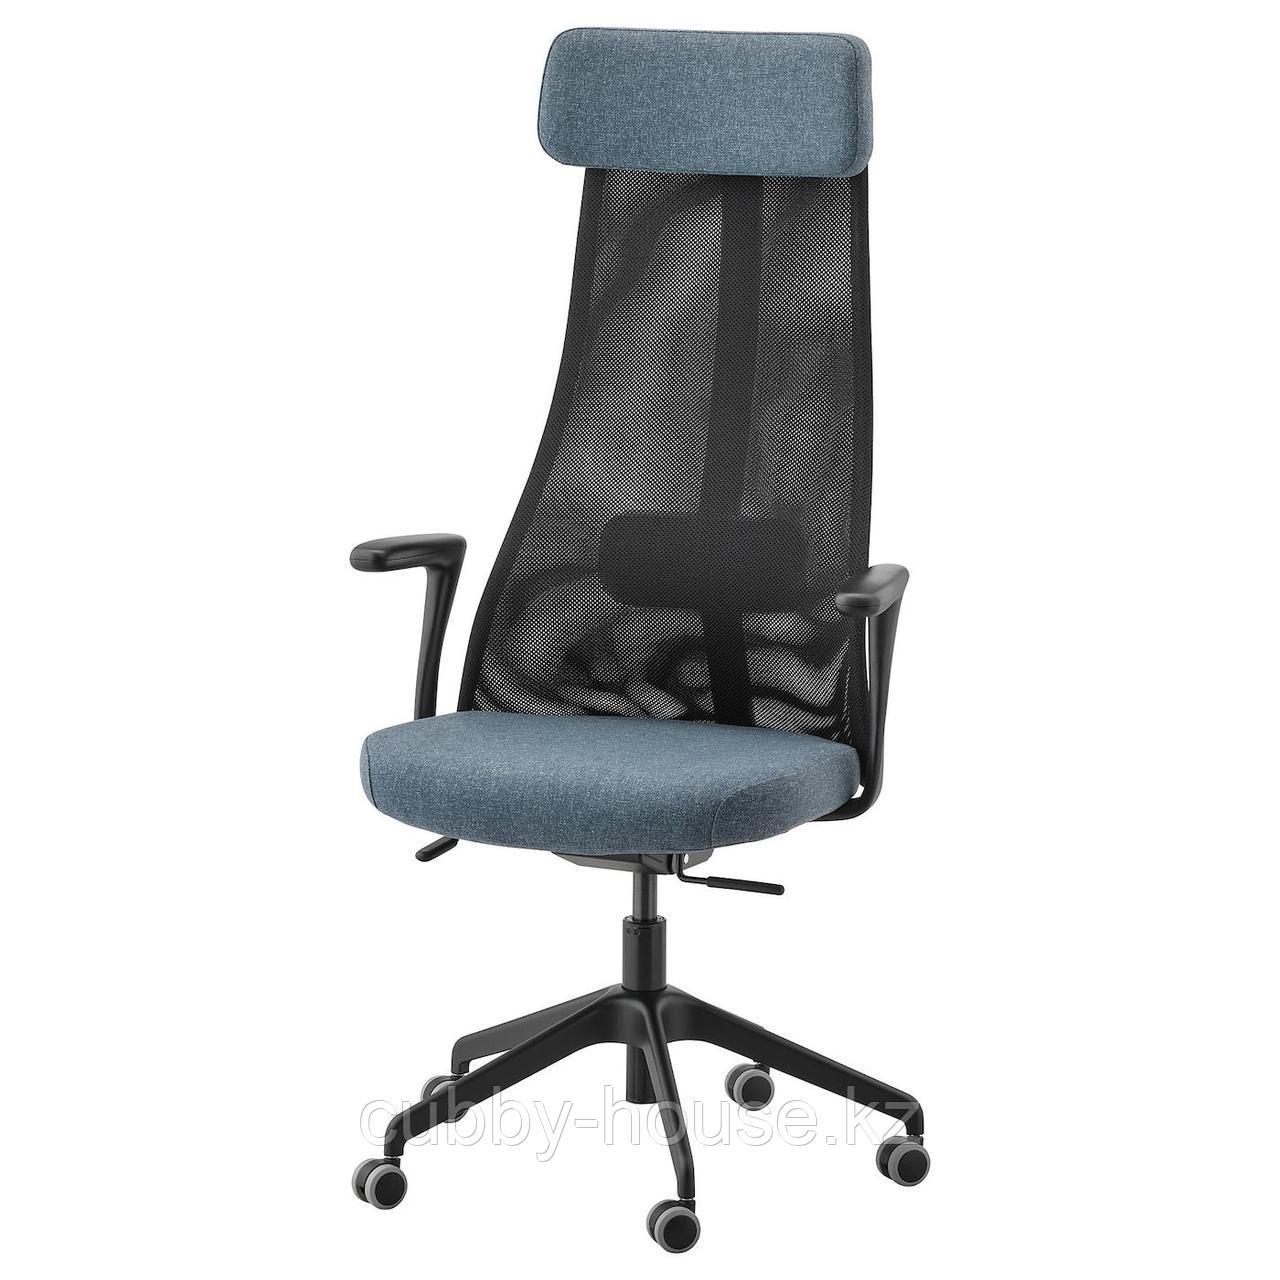 ЭРВФЬЕЛЛЕТ Рабочий стул с подлокотниками, Гуннаред синий, черный